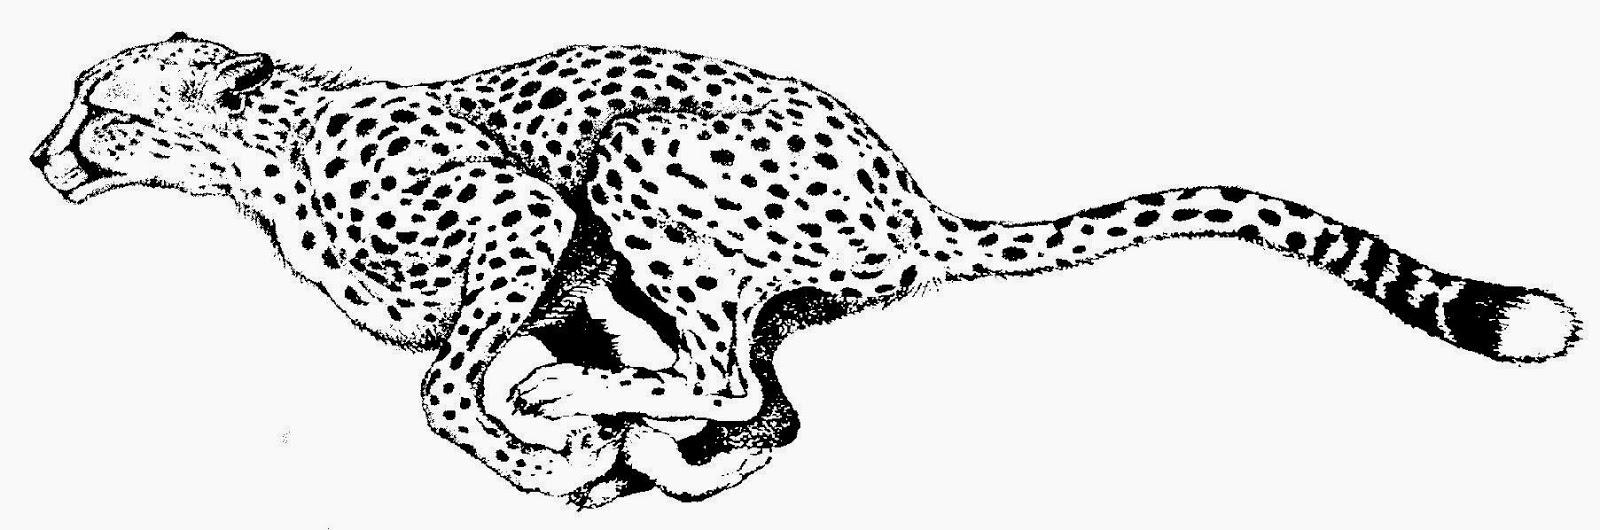 Cheetah clip art 2.